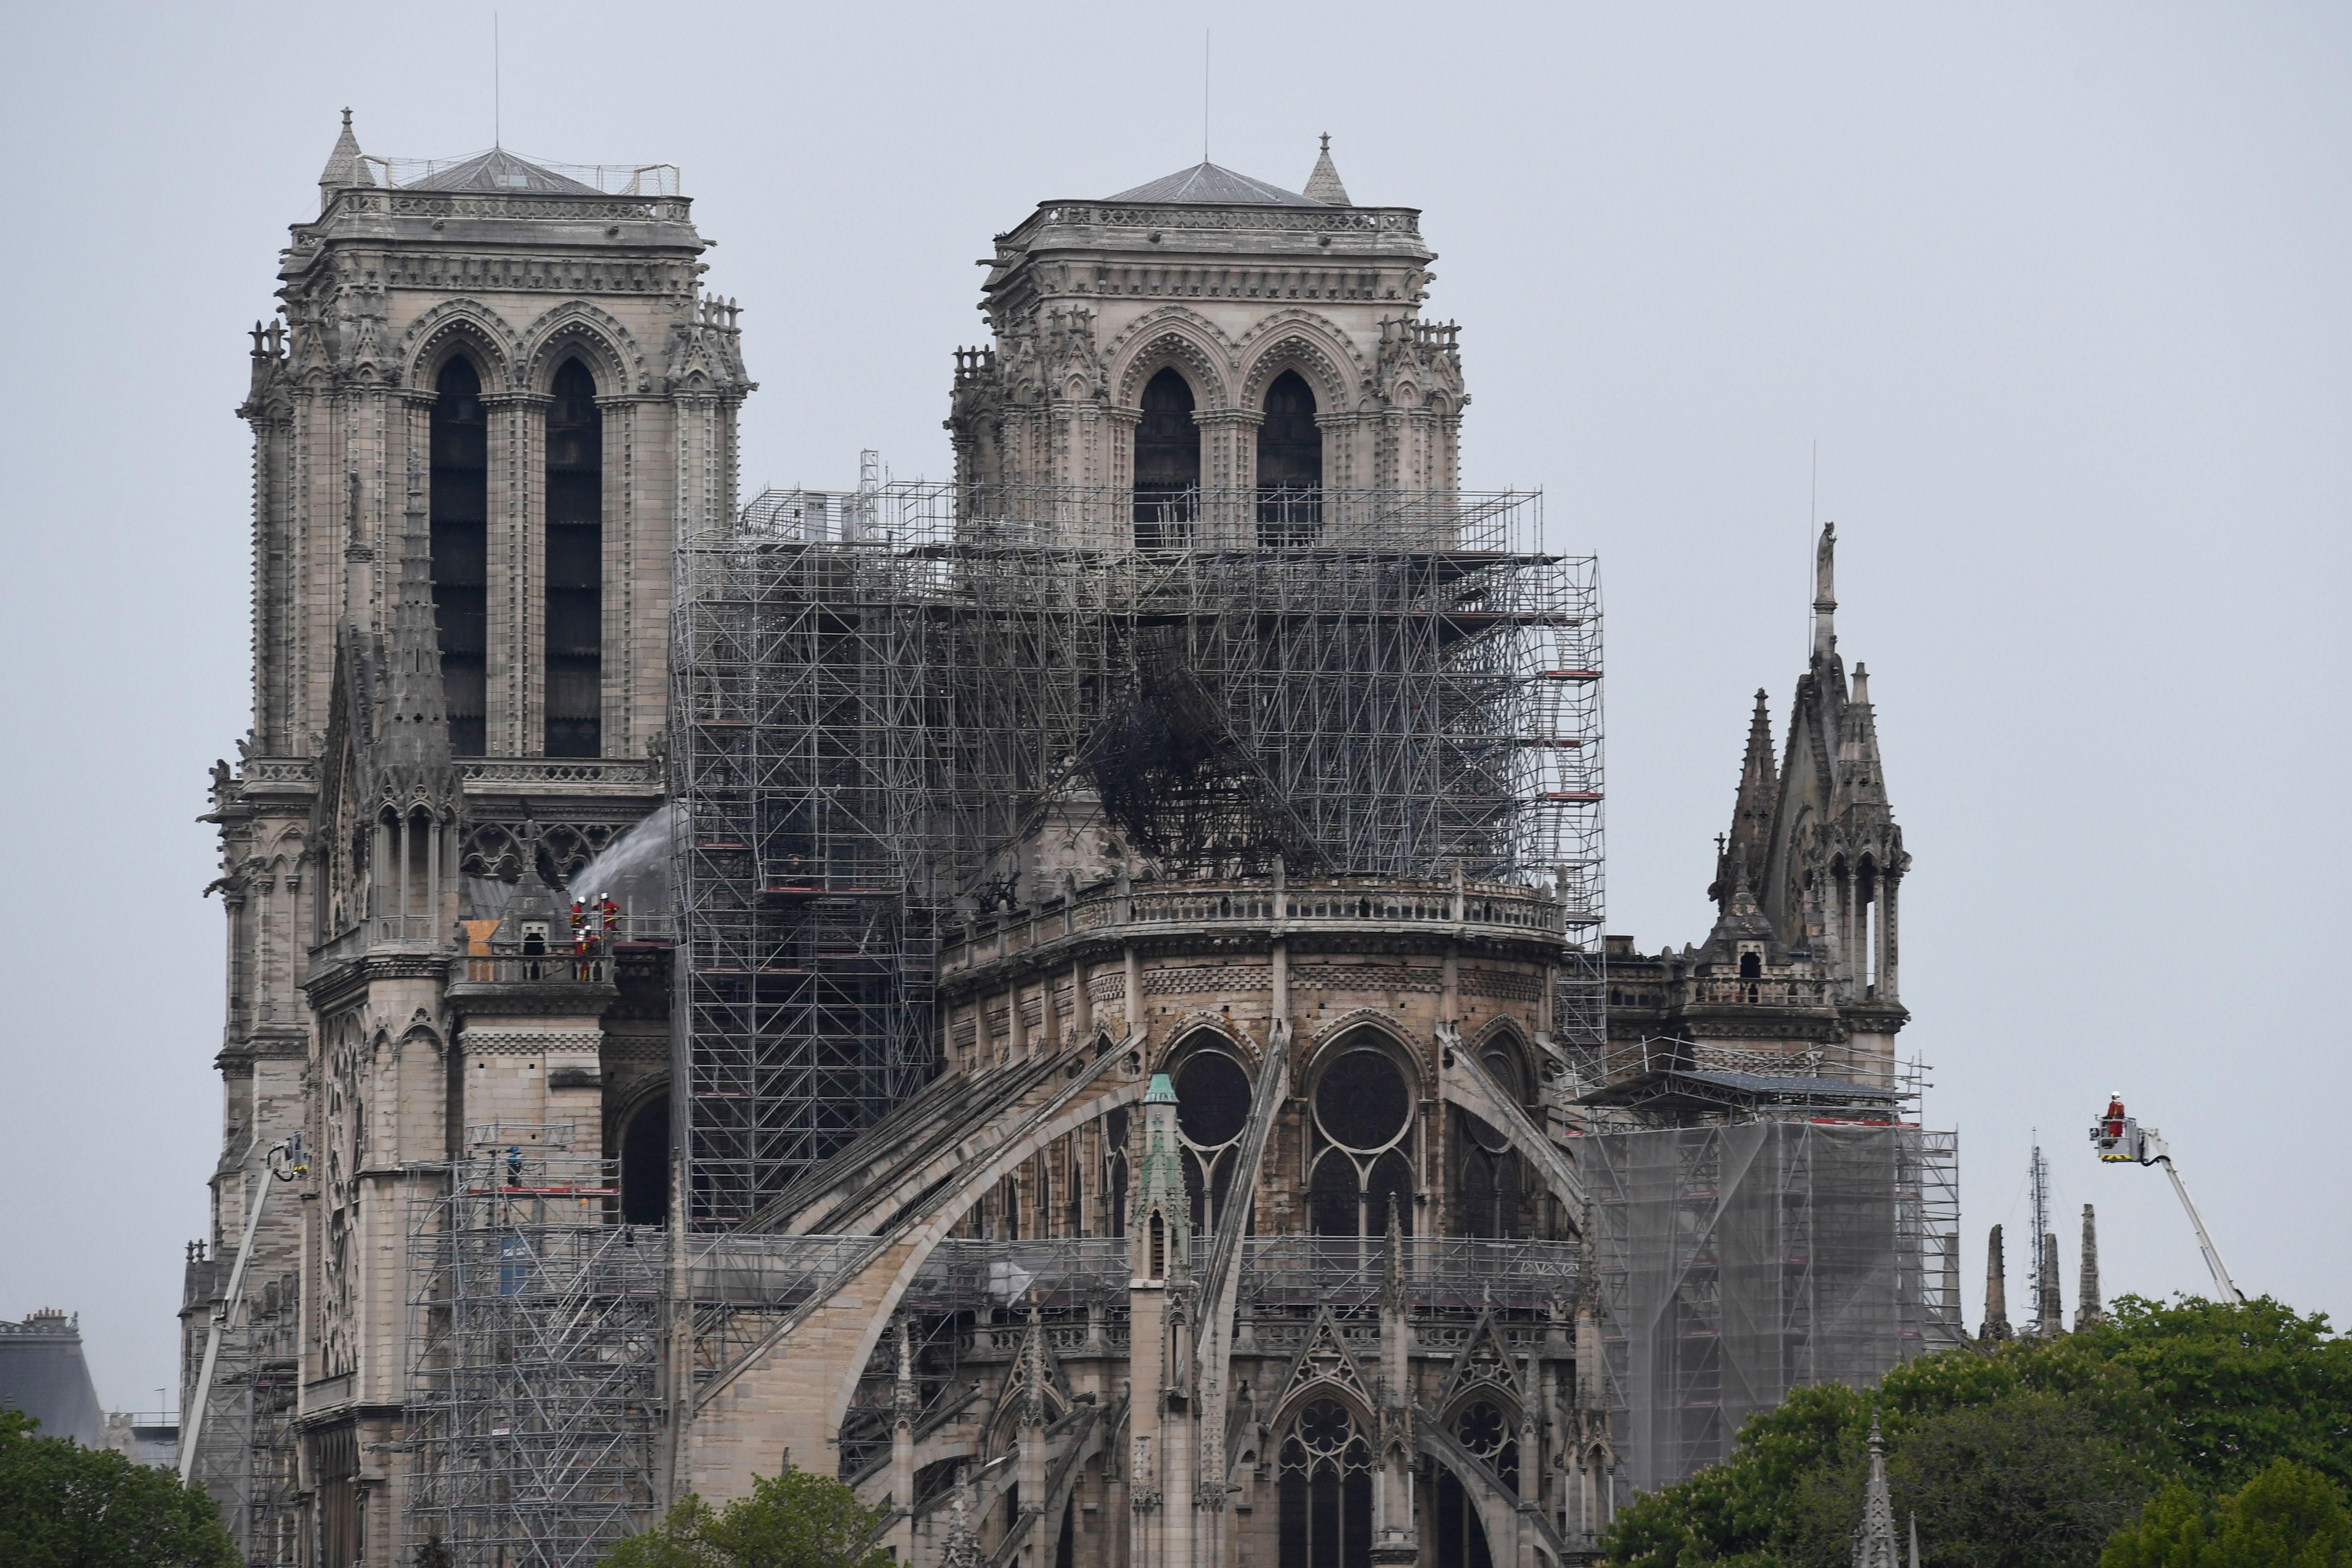 巴黎聖母院大火 官方救火影片場景令人心痛